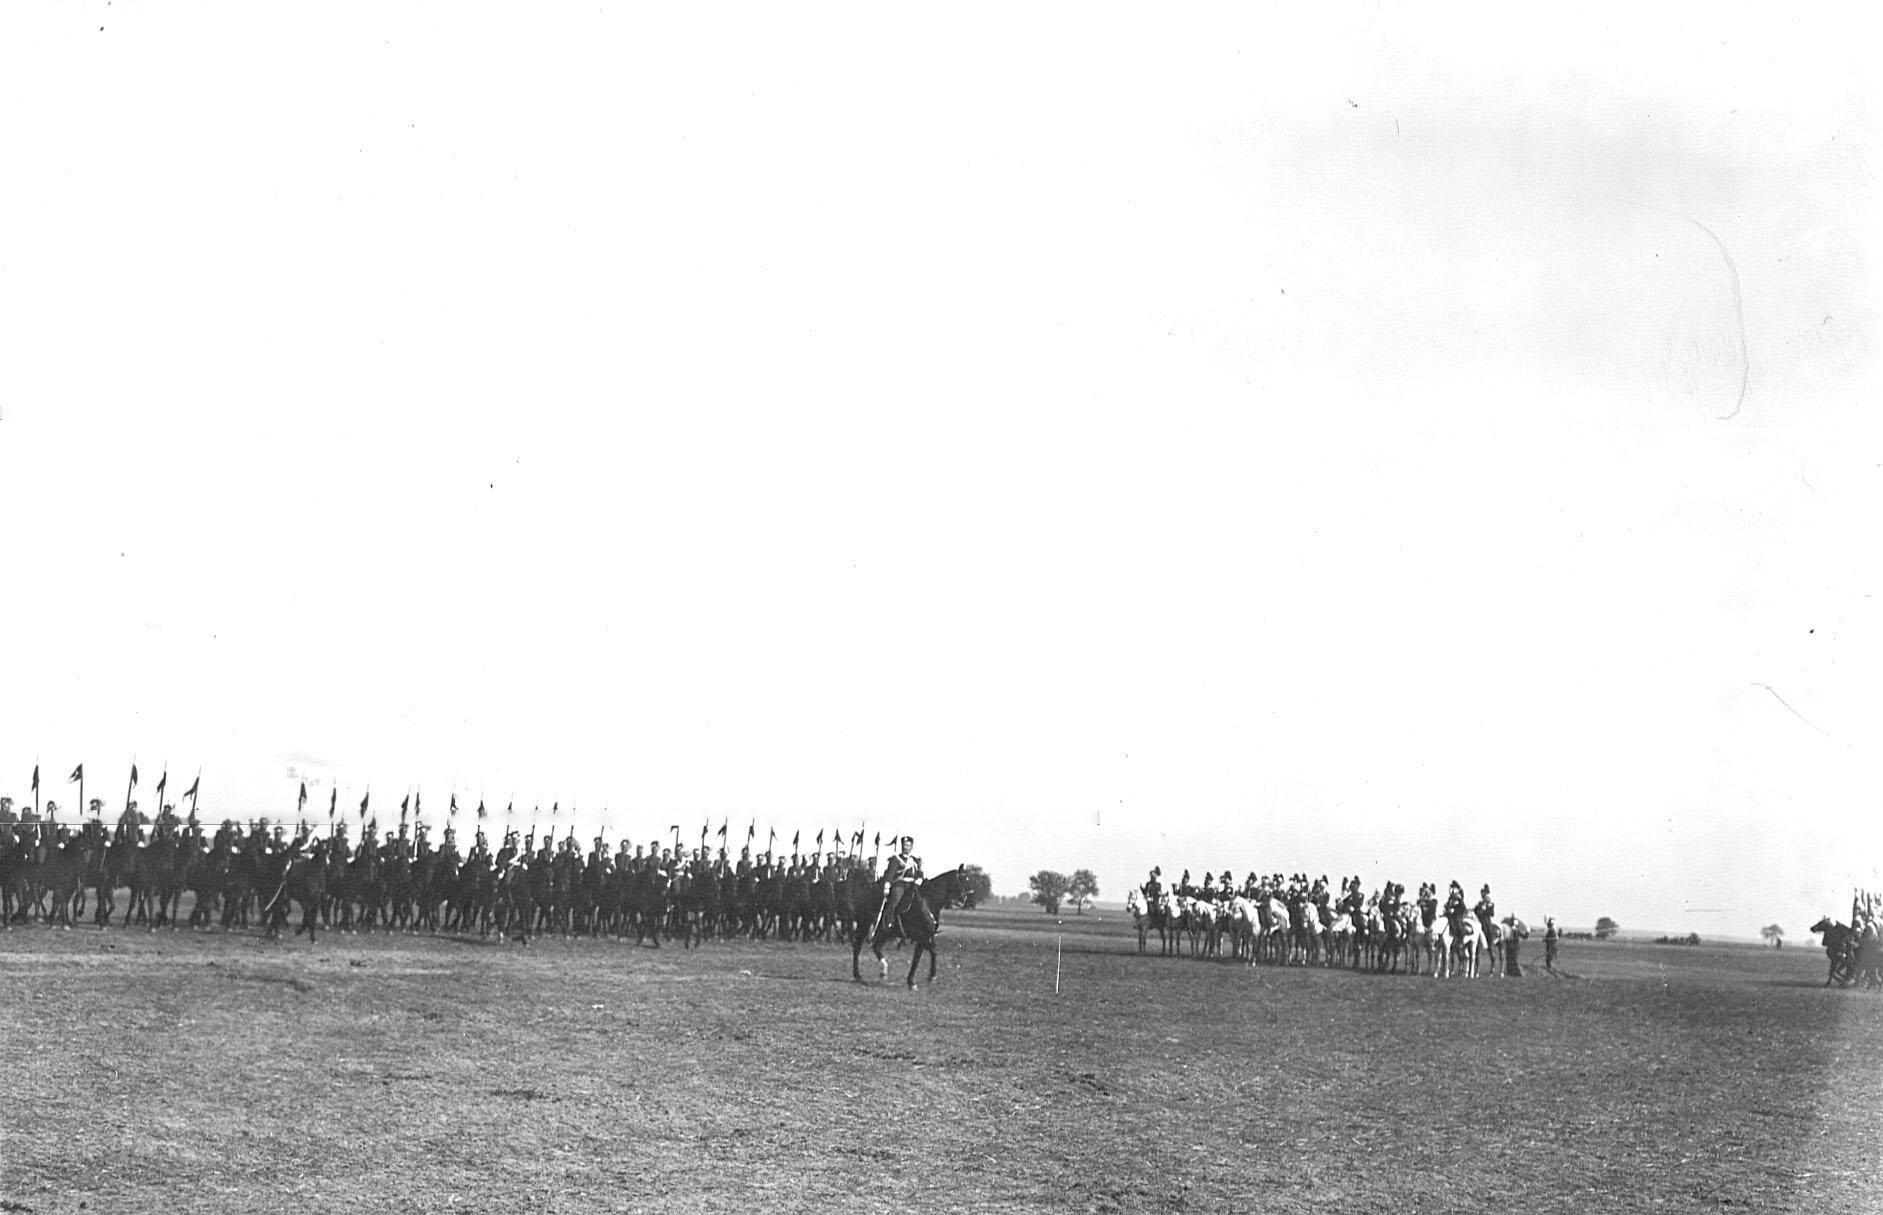 Уланы проходят церемониальным маршем мимо императора Николая II во время парада по случаю празднования 250-летнего юбилея полка